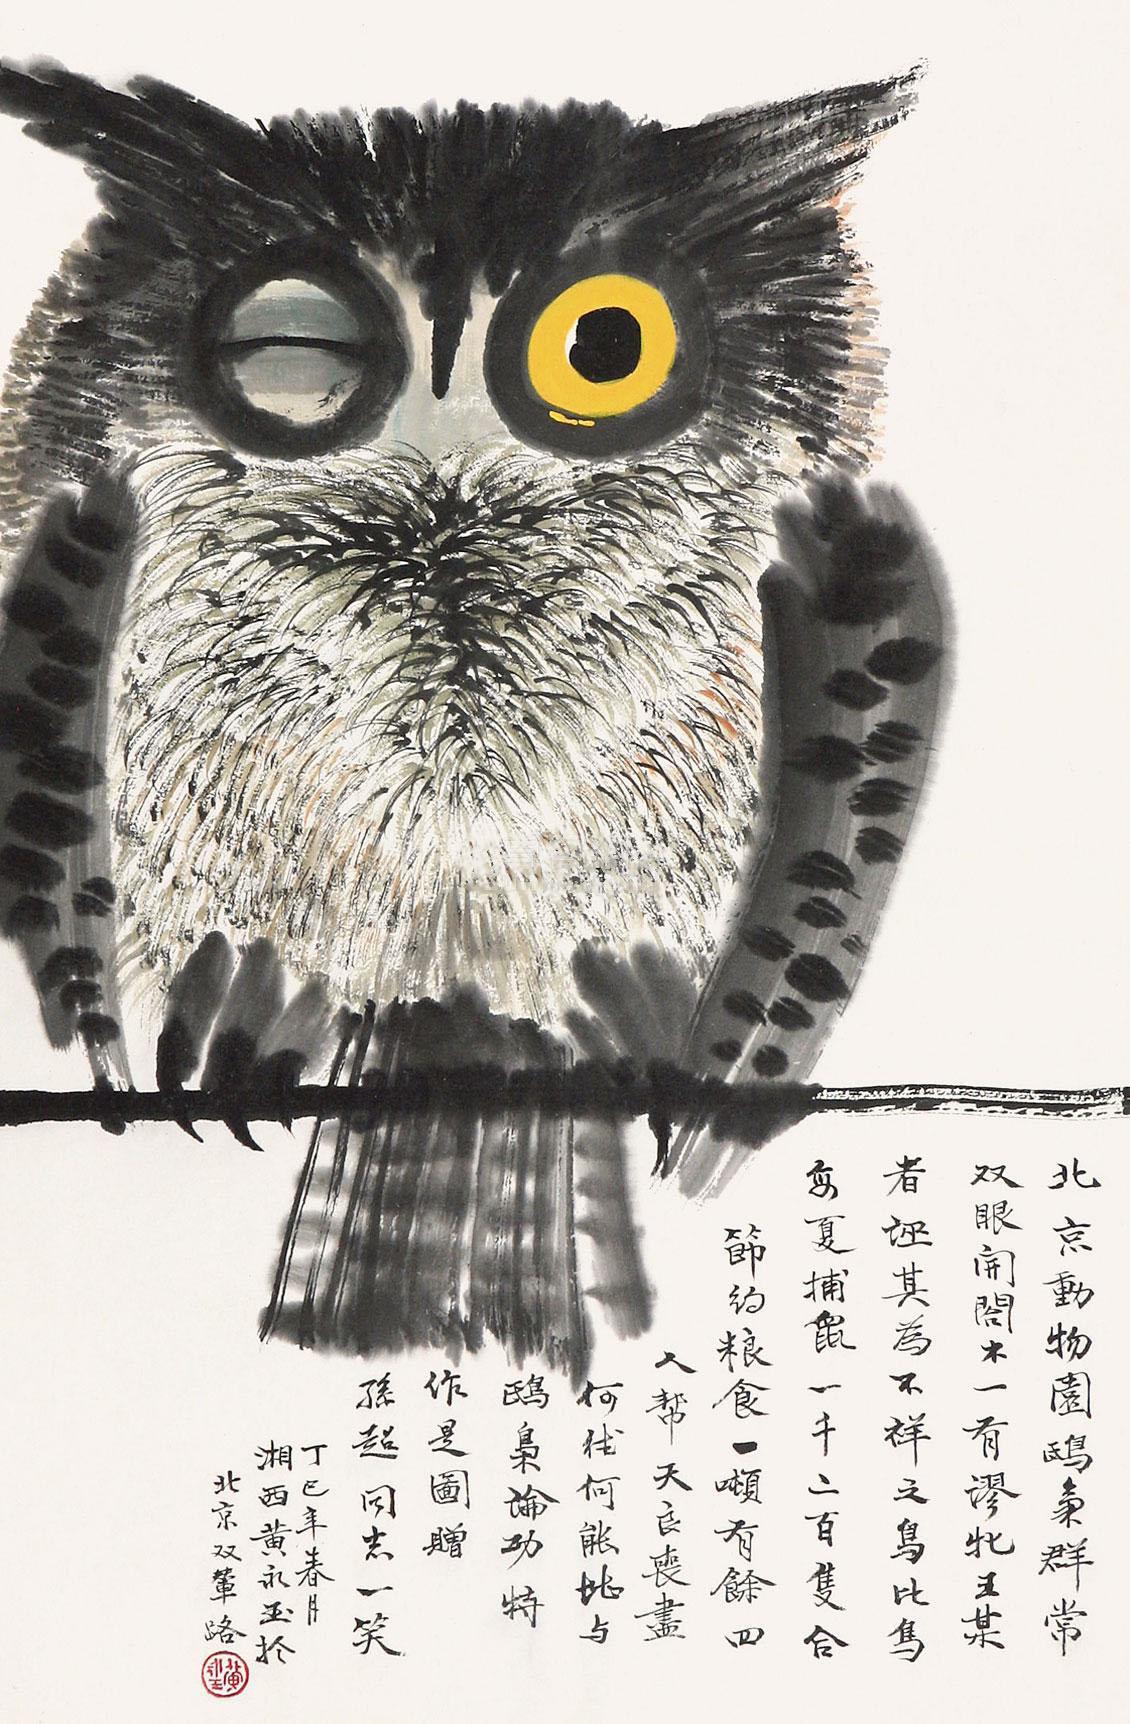 求一个很困难的制作纸猫头鹰的详情图解,懂得人进,不要给我来10步简易